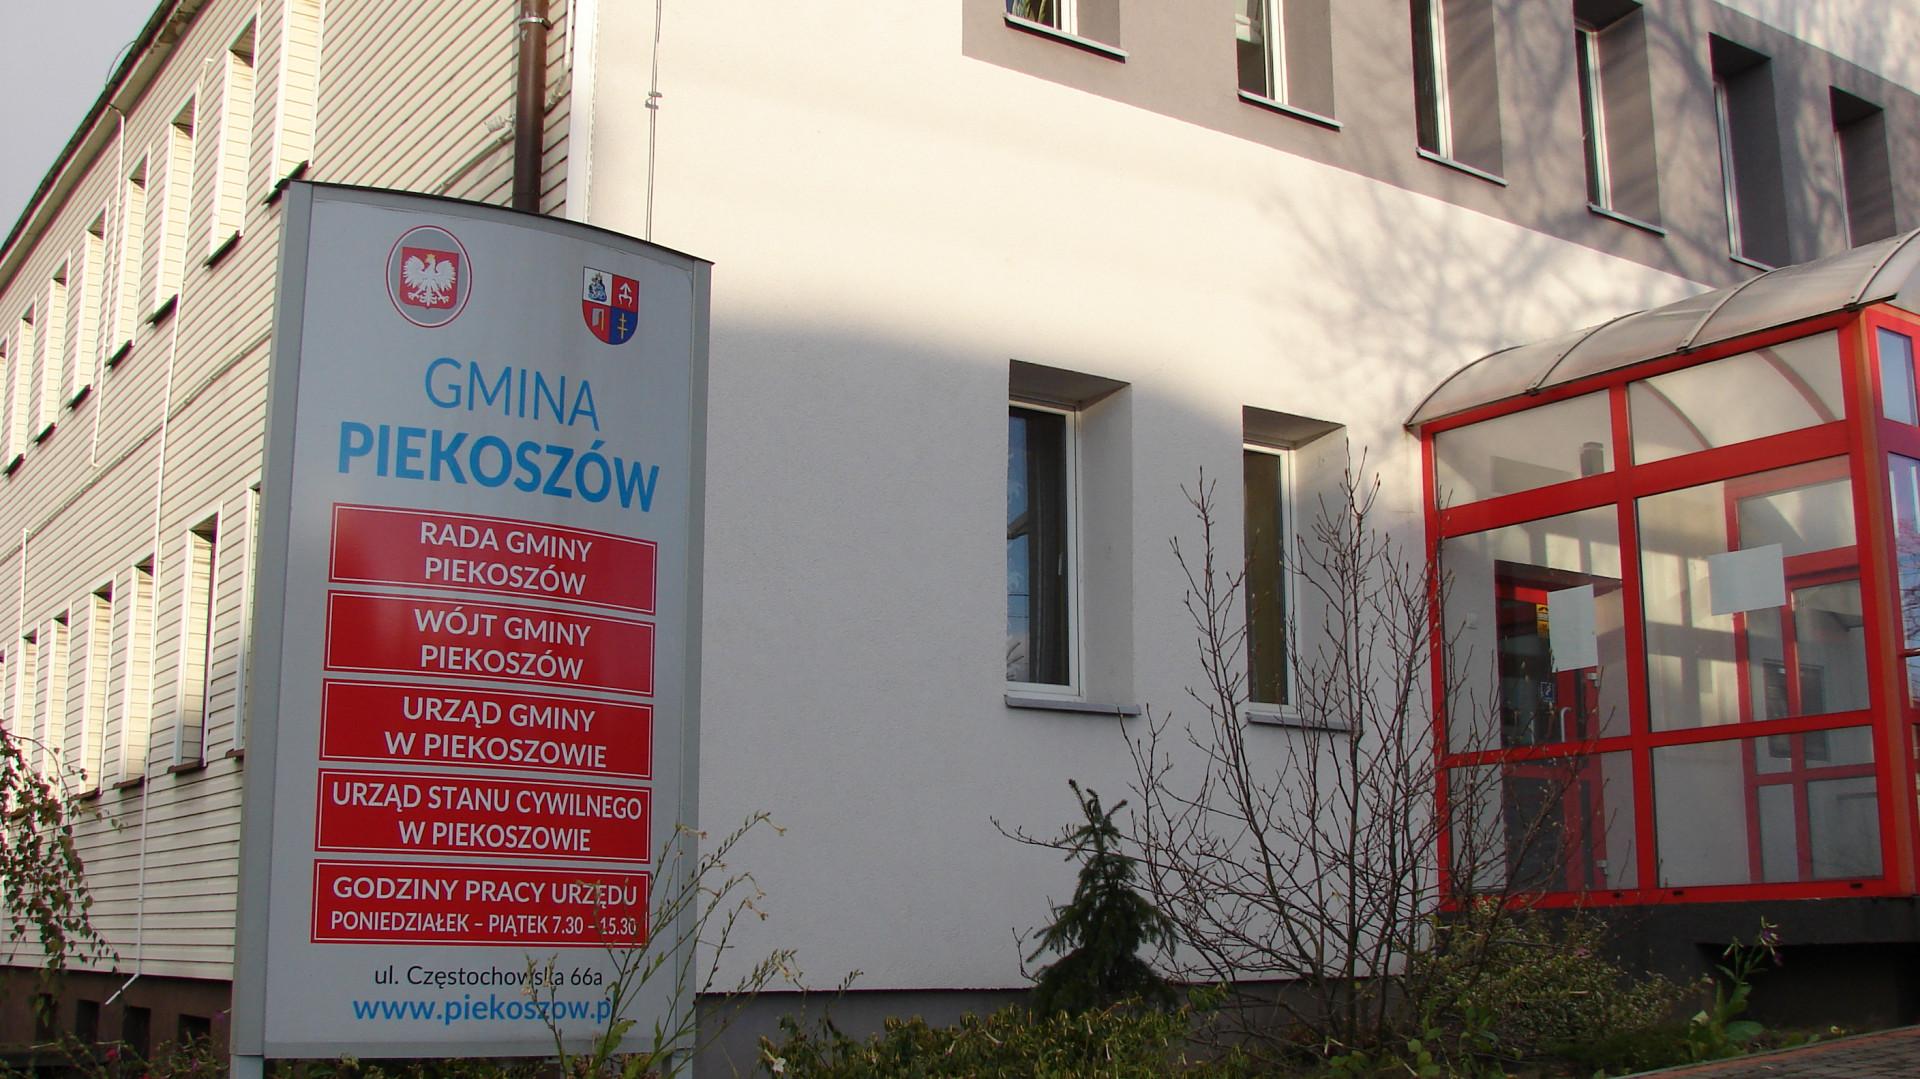 gmina Piekoszów